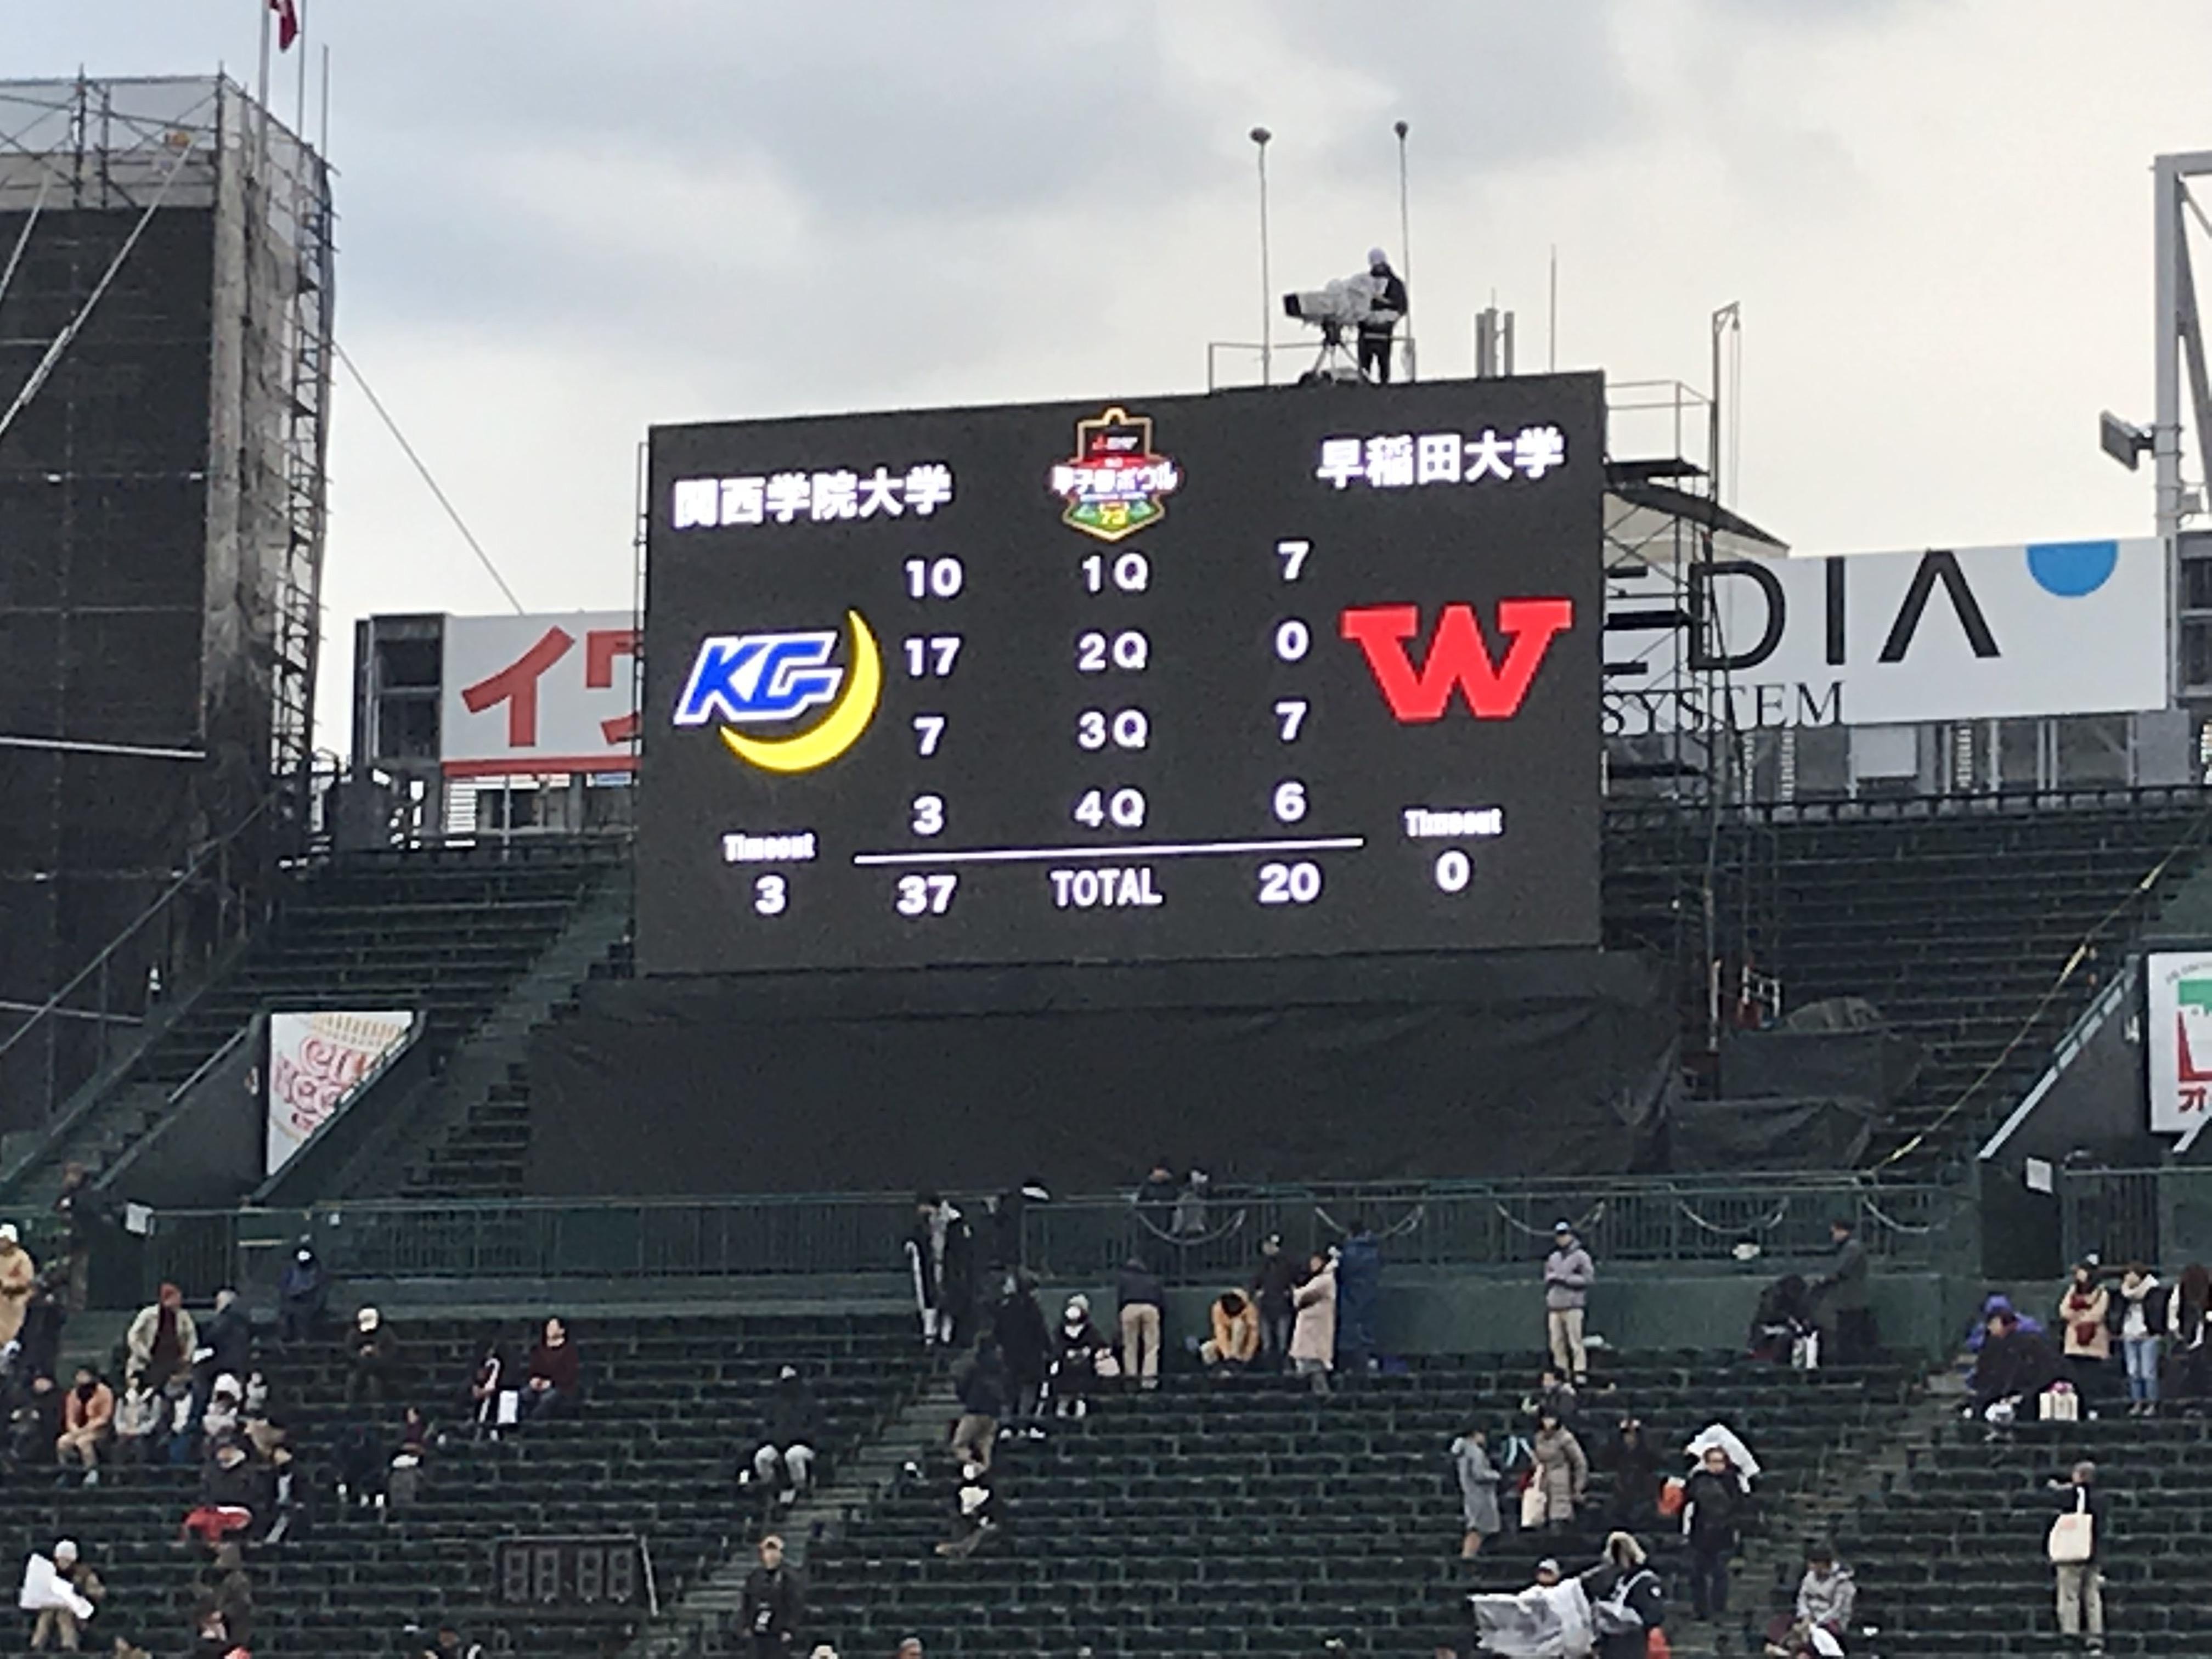 第73回甲子園ボウルは、関学大が37―20で早大を下した=阪神甲子園球場